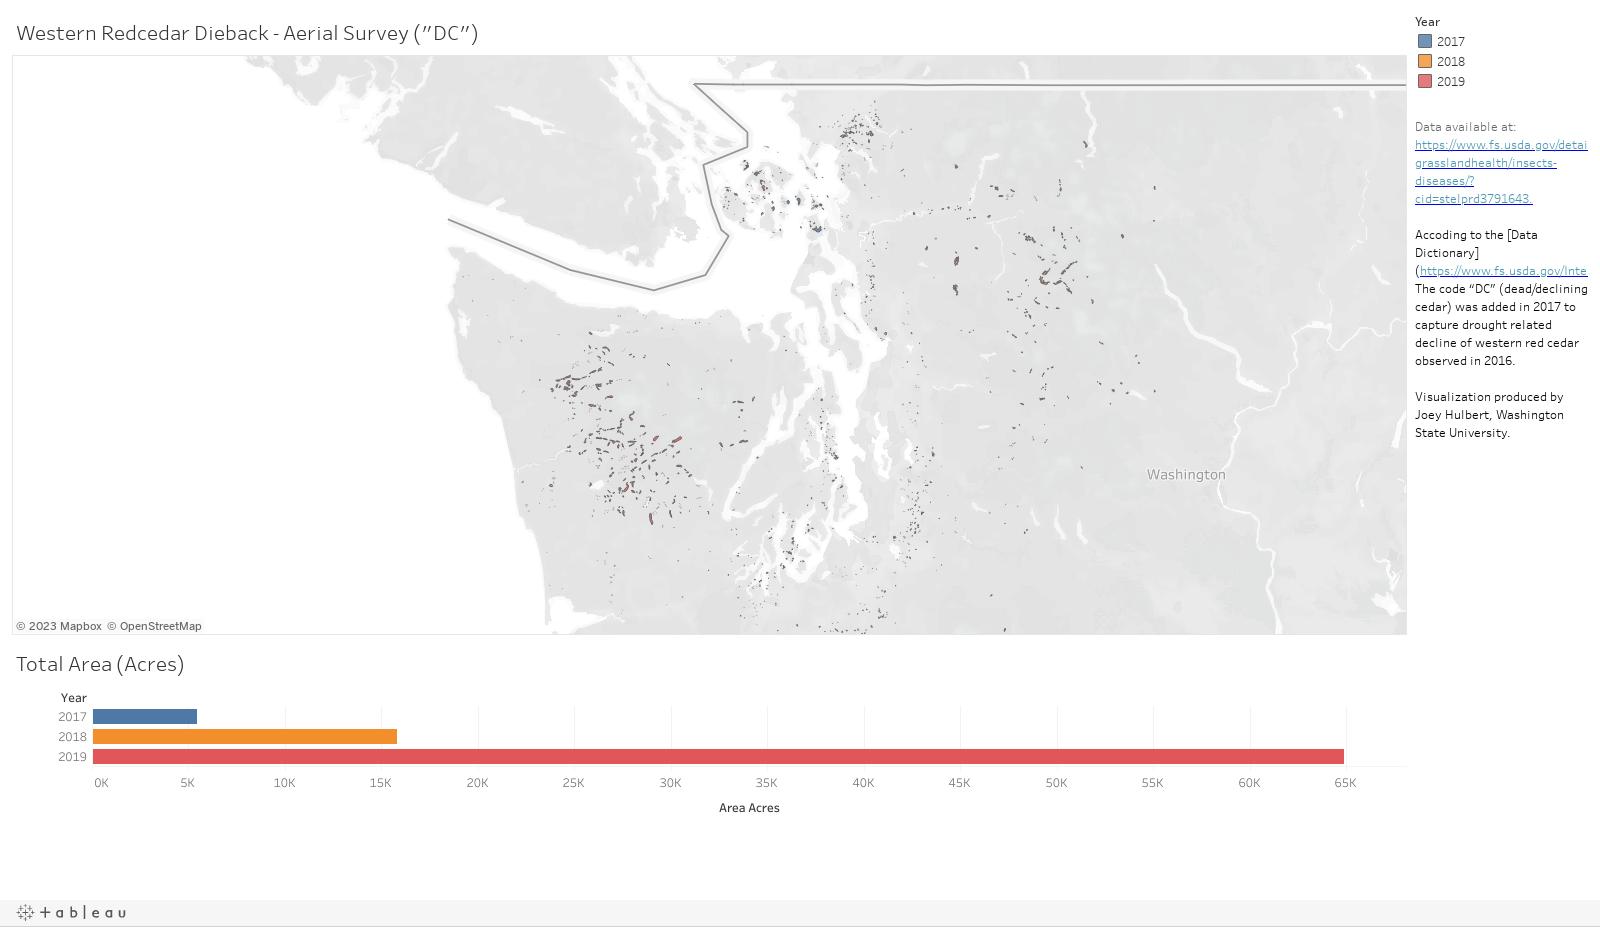 Western Redcedar Dieback Data